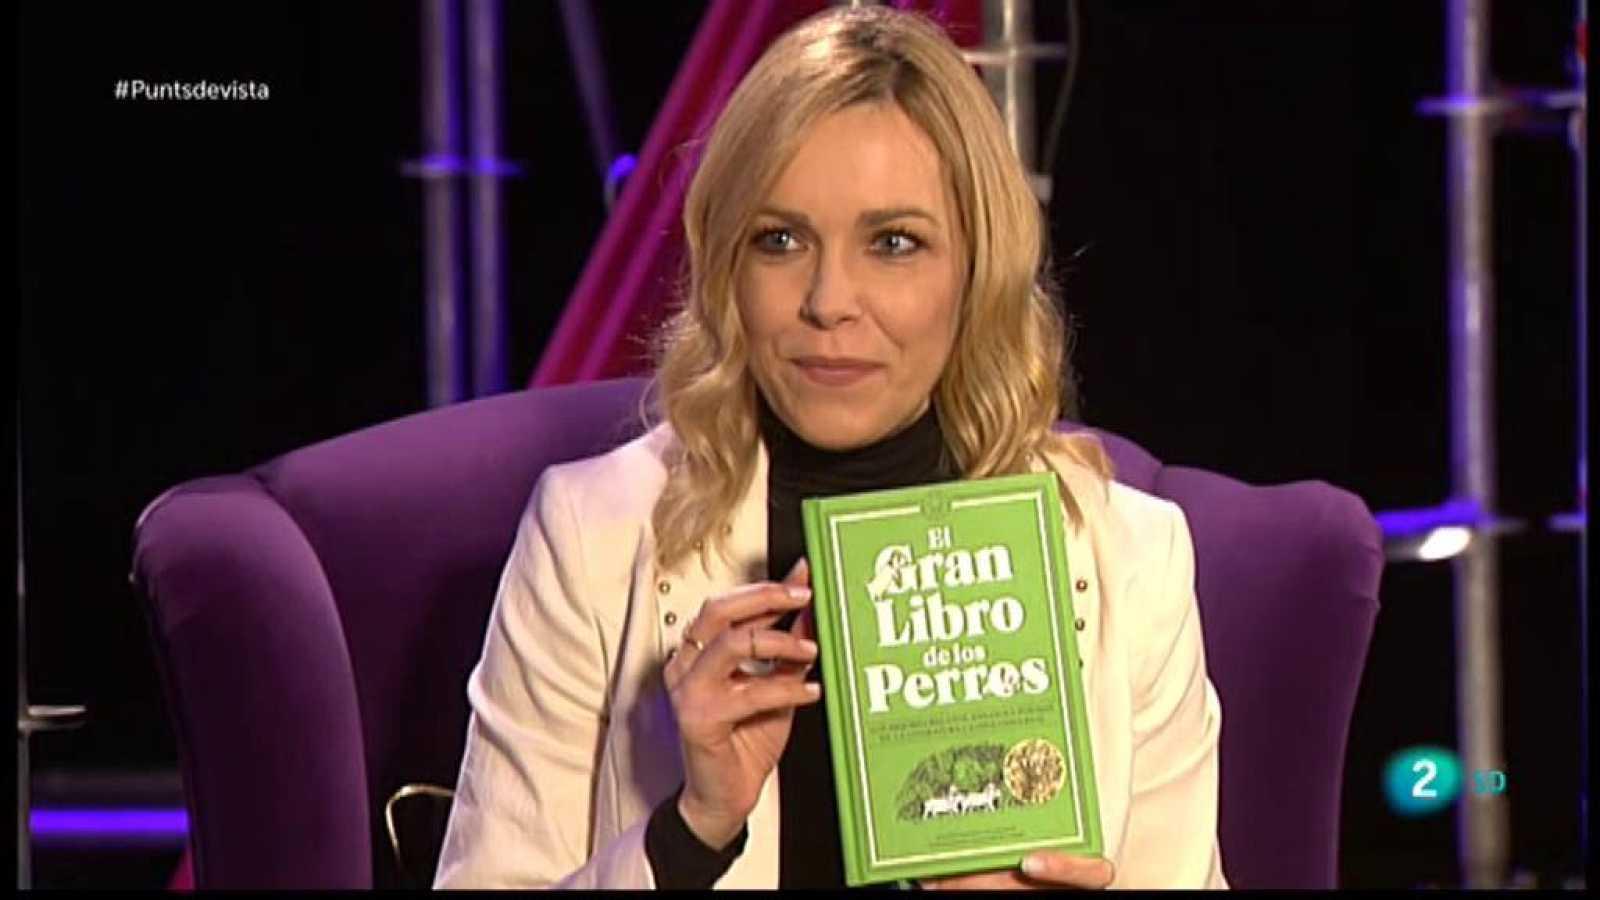 """""""El gran libro de los perros"""" al Club de Lectura a Punts de vista"""